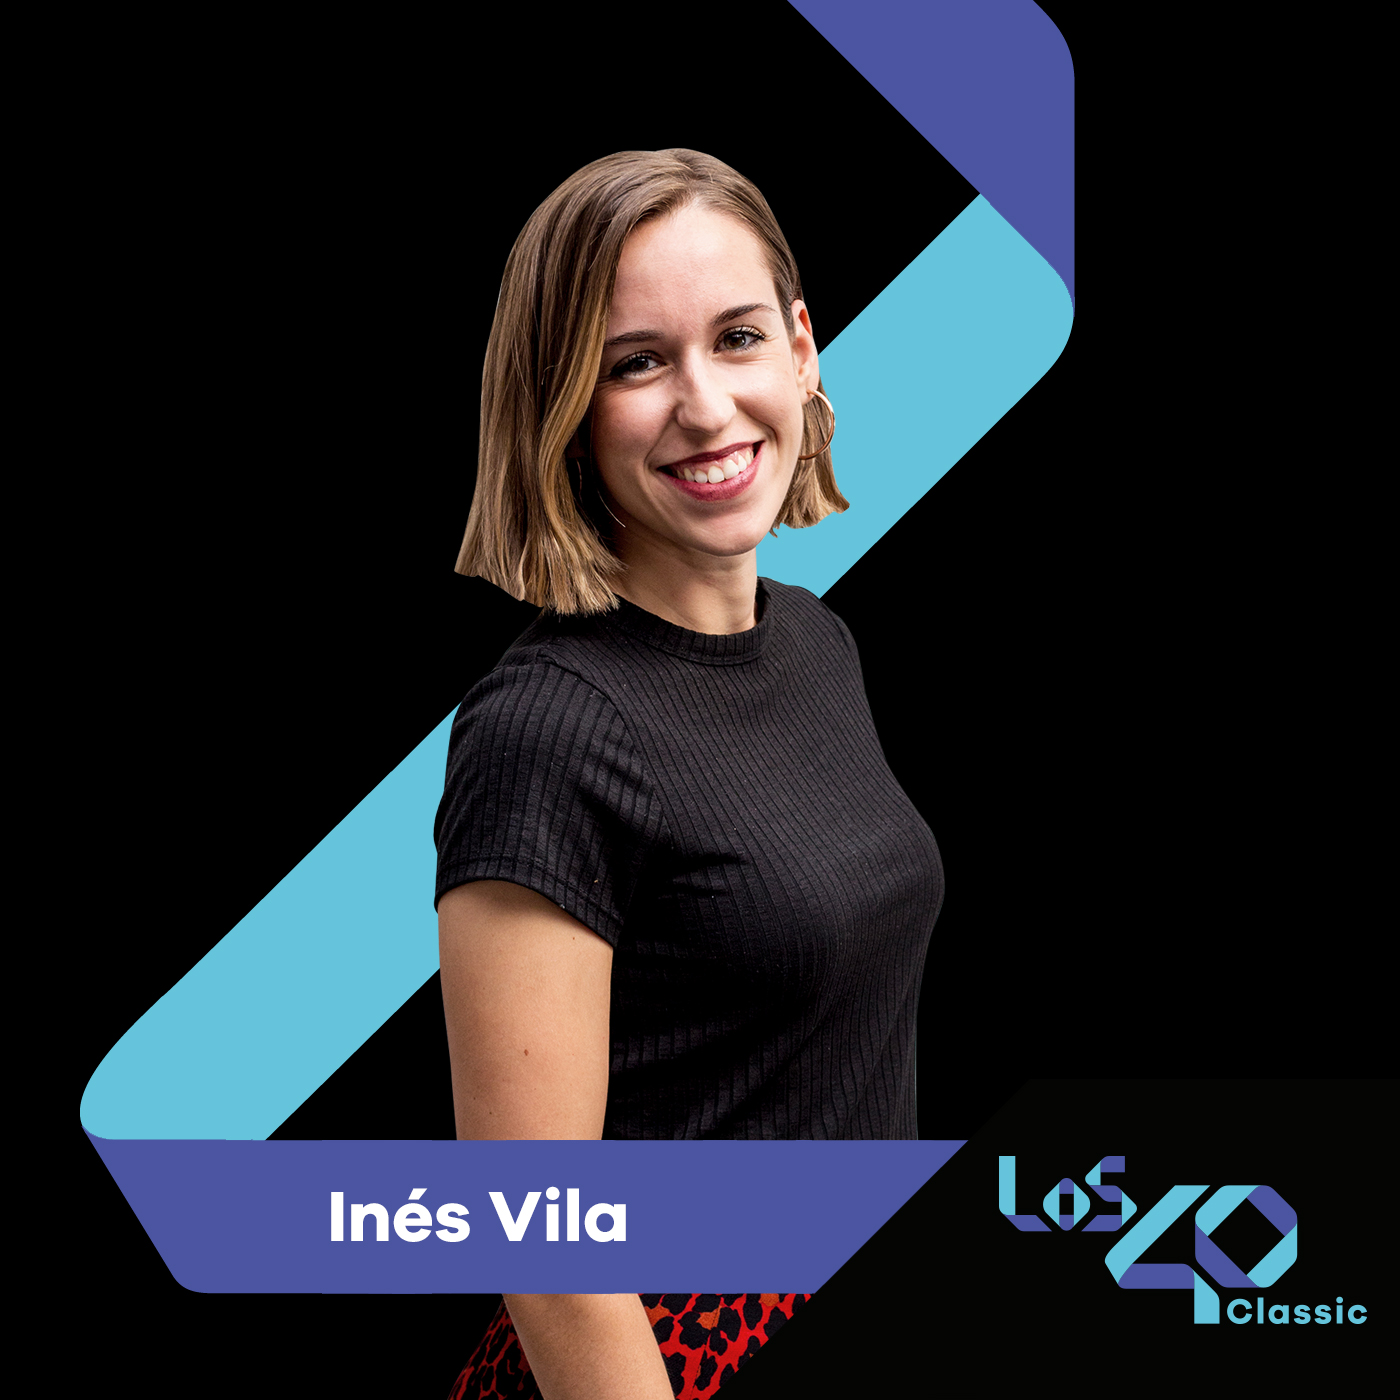 Inés Vila